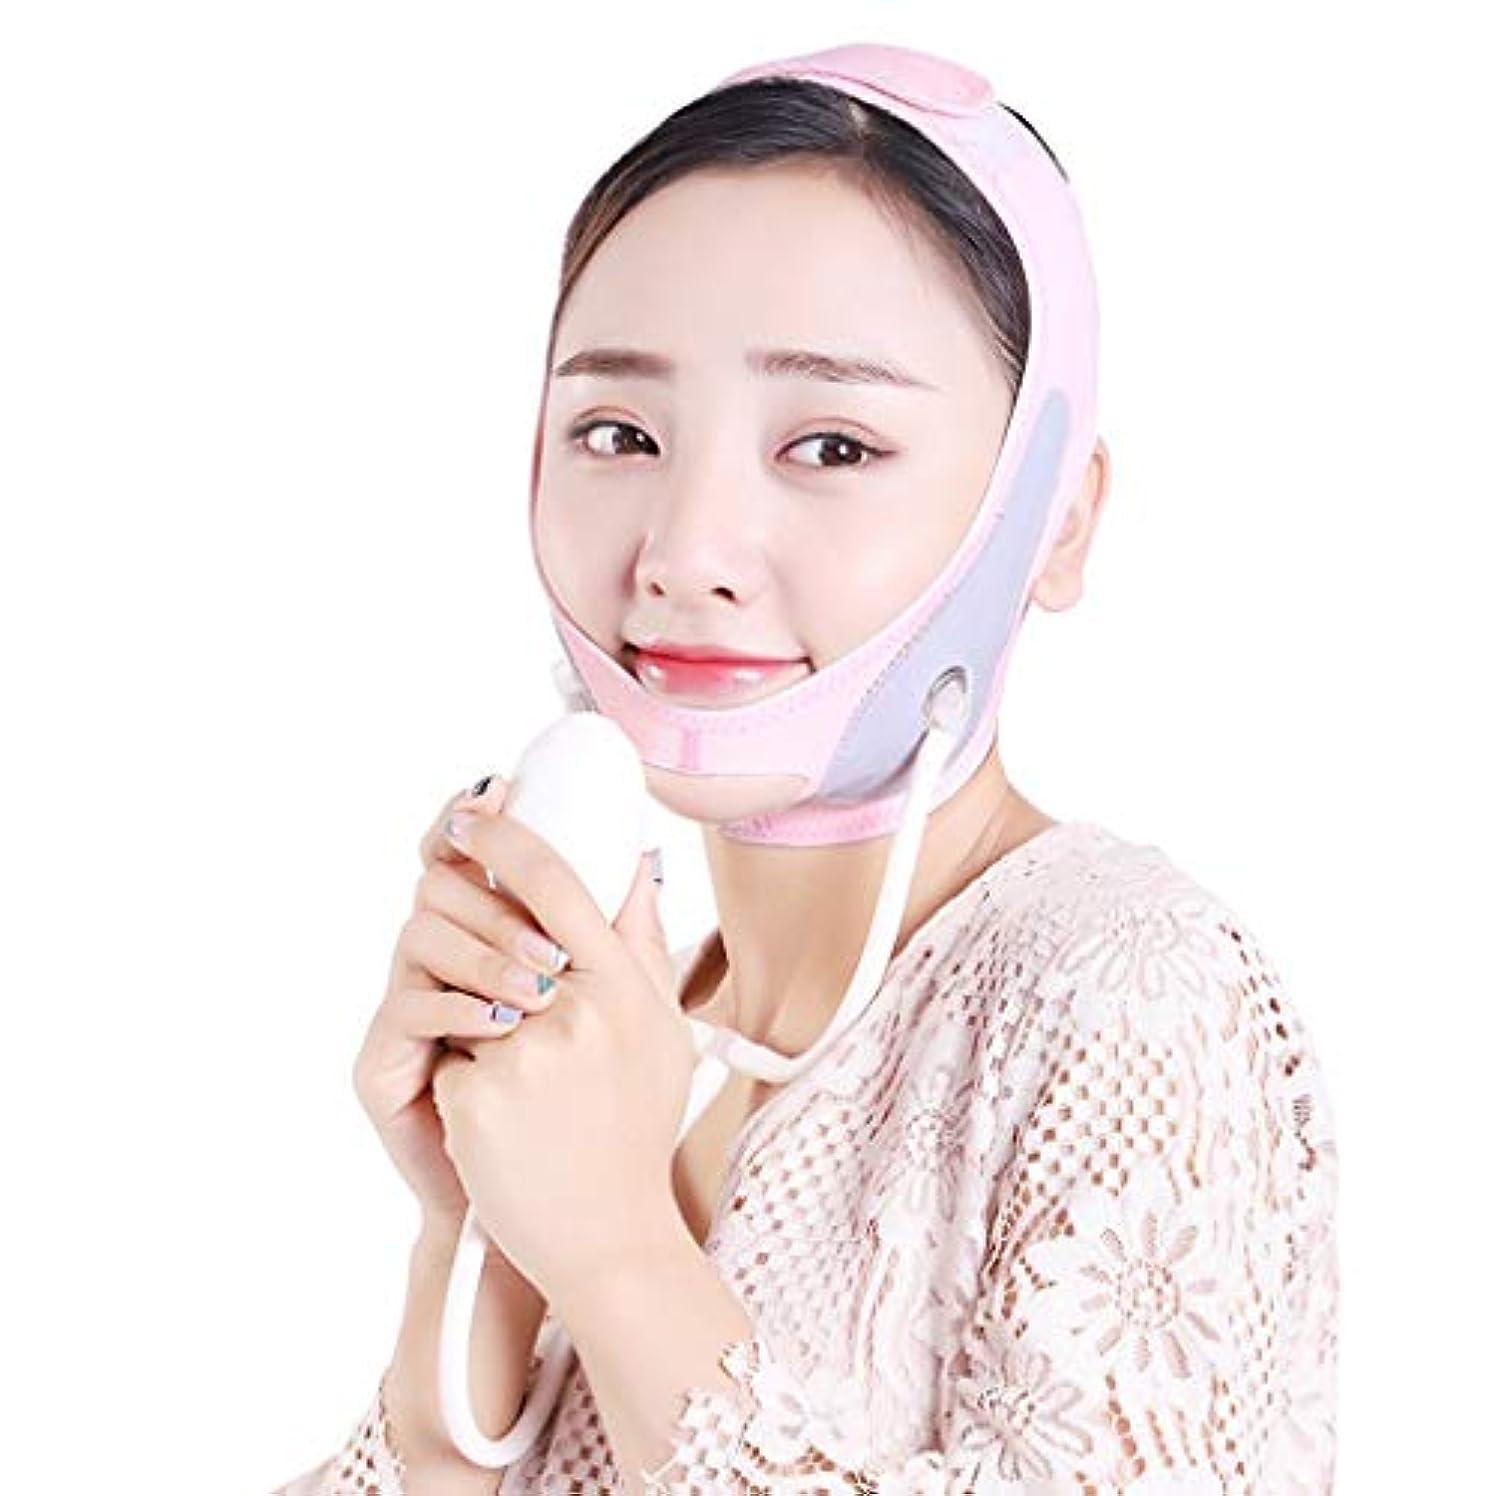 悪質な予測ブラジャーMLX インフレータブルフェイスマスク、V顔薄い顔アーティファクト小顔包帯二重あごスリープフェイスマッサージフェイスメーター